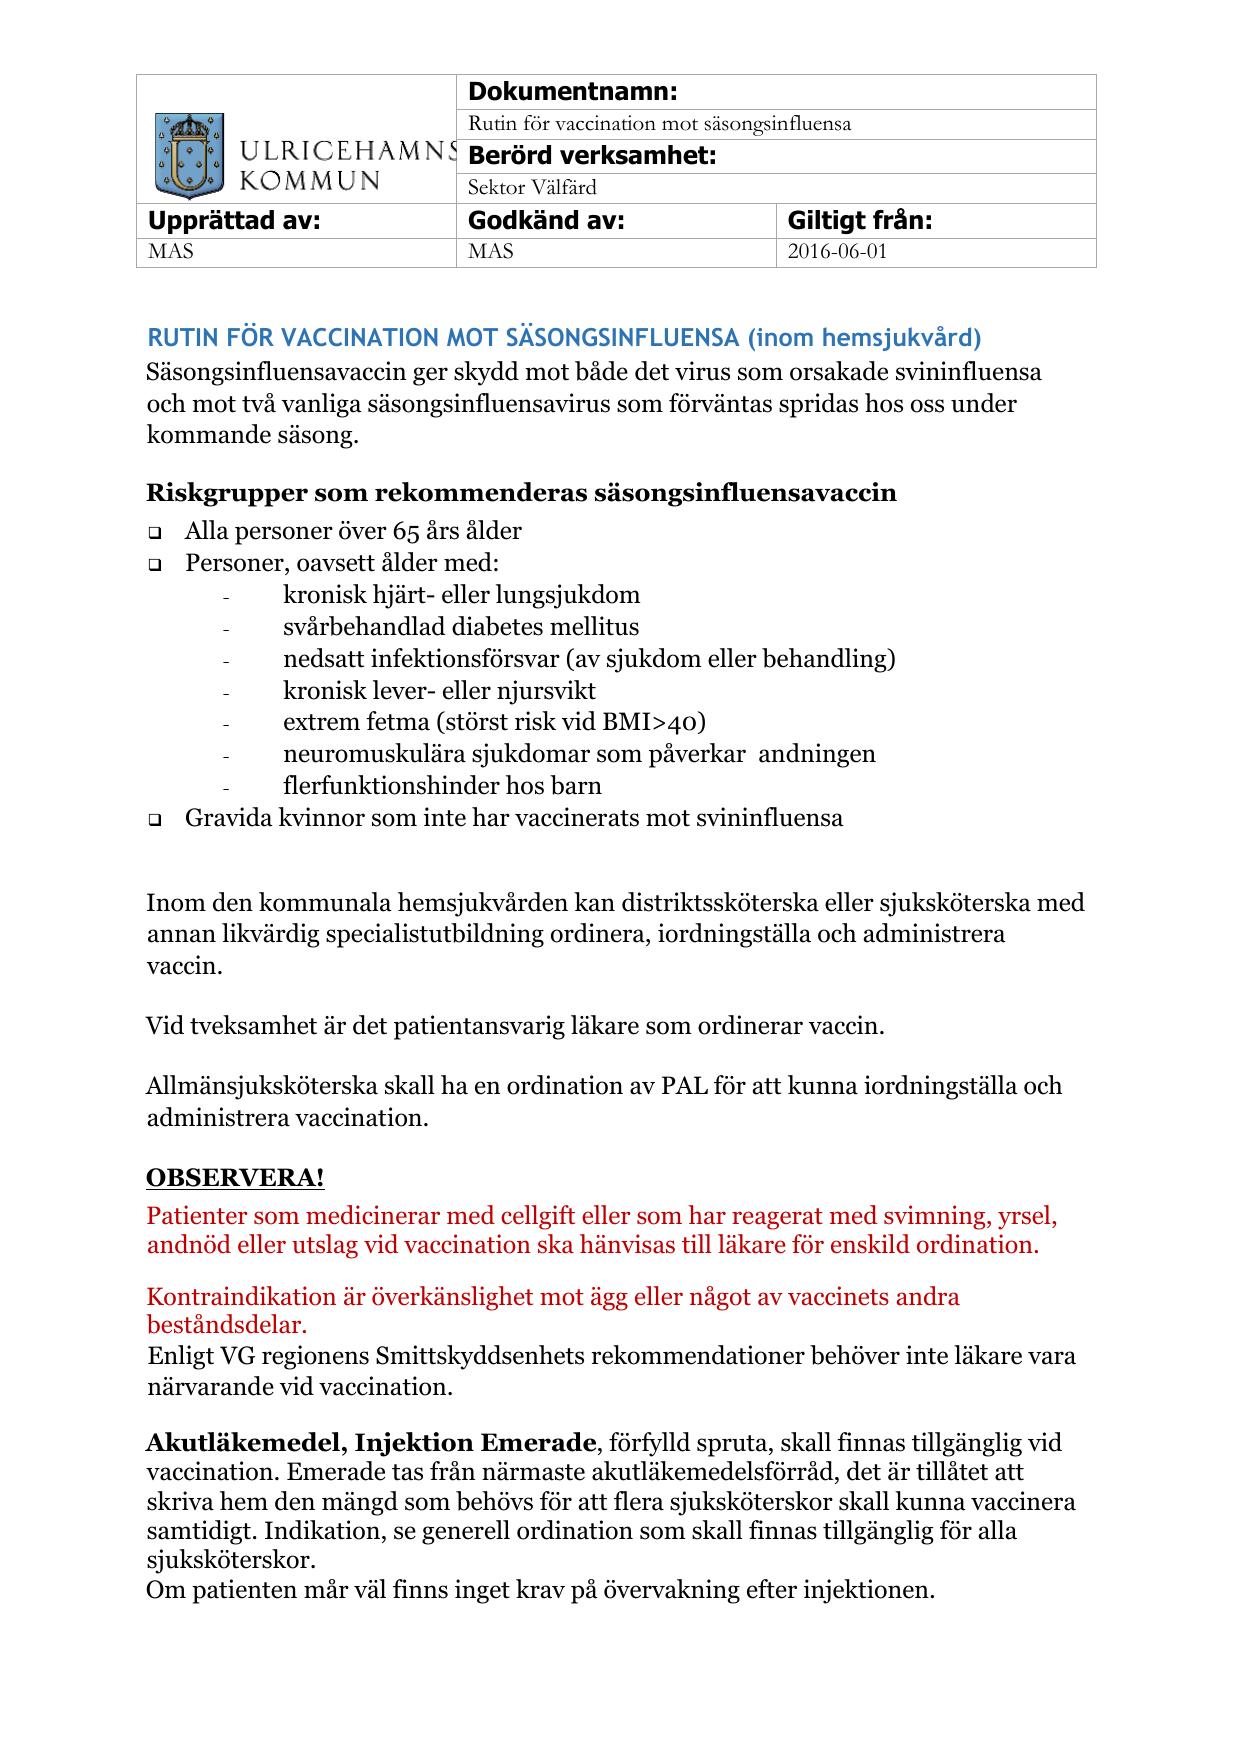 c4ab85fbb01 Dokumentnamn: Rutin för vaccination mot säsongsinfluensa Berörd verksamhet:  Sektor Välfärd Upprättad av: Godkänd av: Giltigt från: MAS MAS 2016-06-01  RUTIN ...